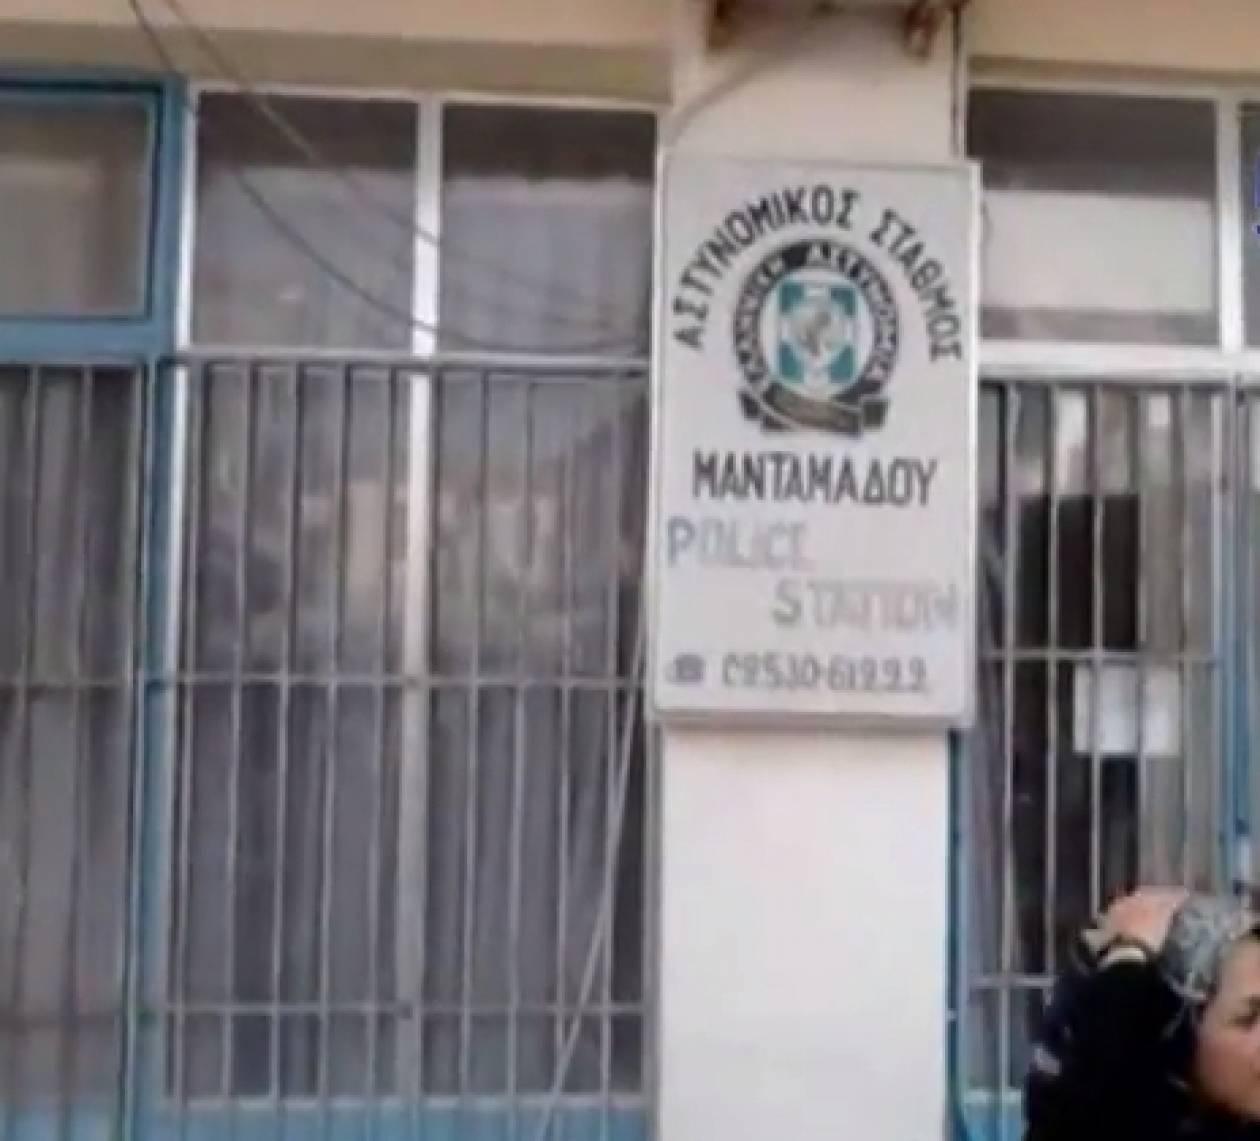 Λέσβος: Μετανάστες κοιμούνται επί μέρες έξω από αστυνομικό τμήμα (vid)